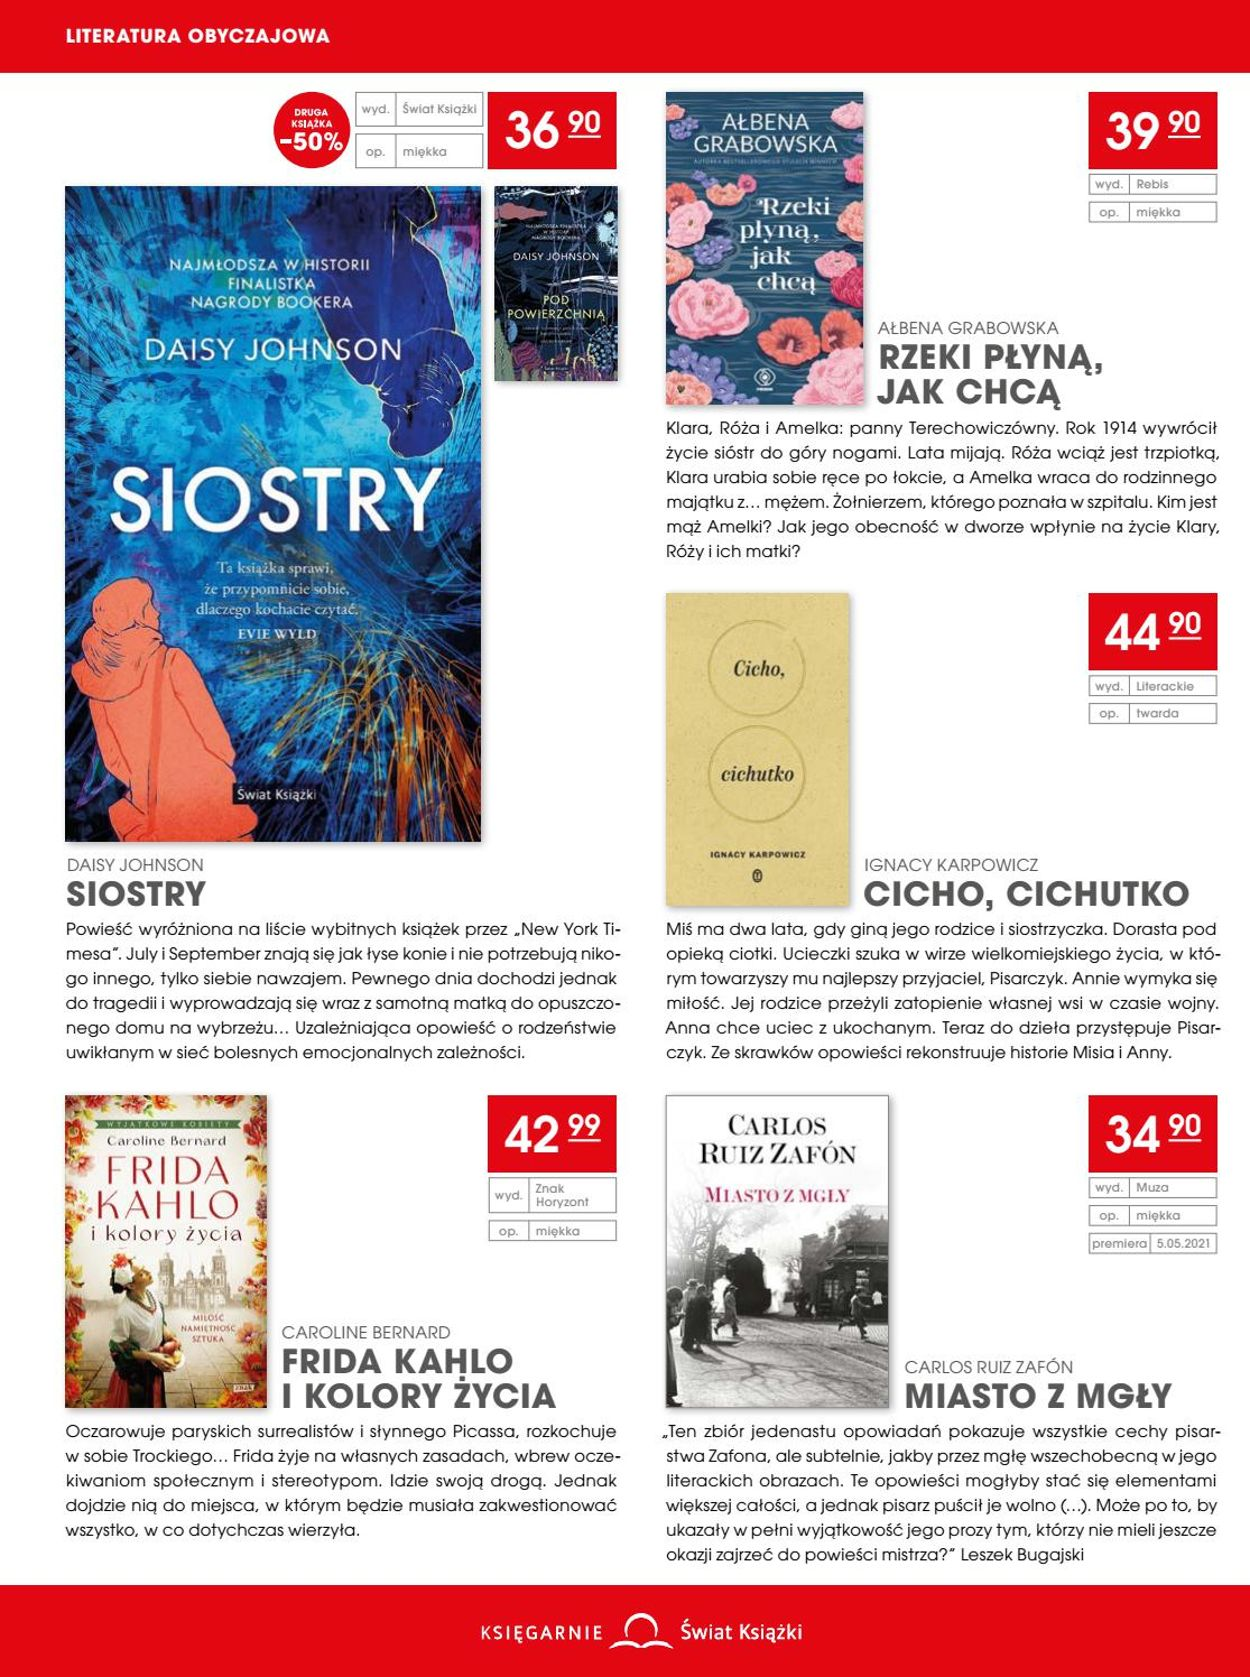 Gazetka promocyjna Świat Książki - 14.04-18.05.2021 (Strona 4)